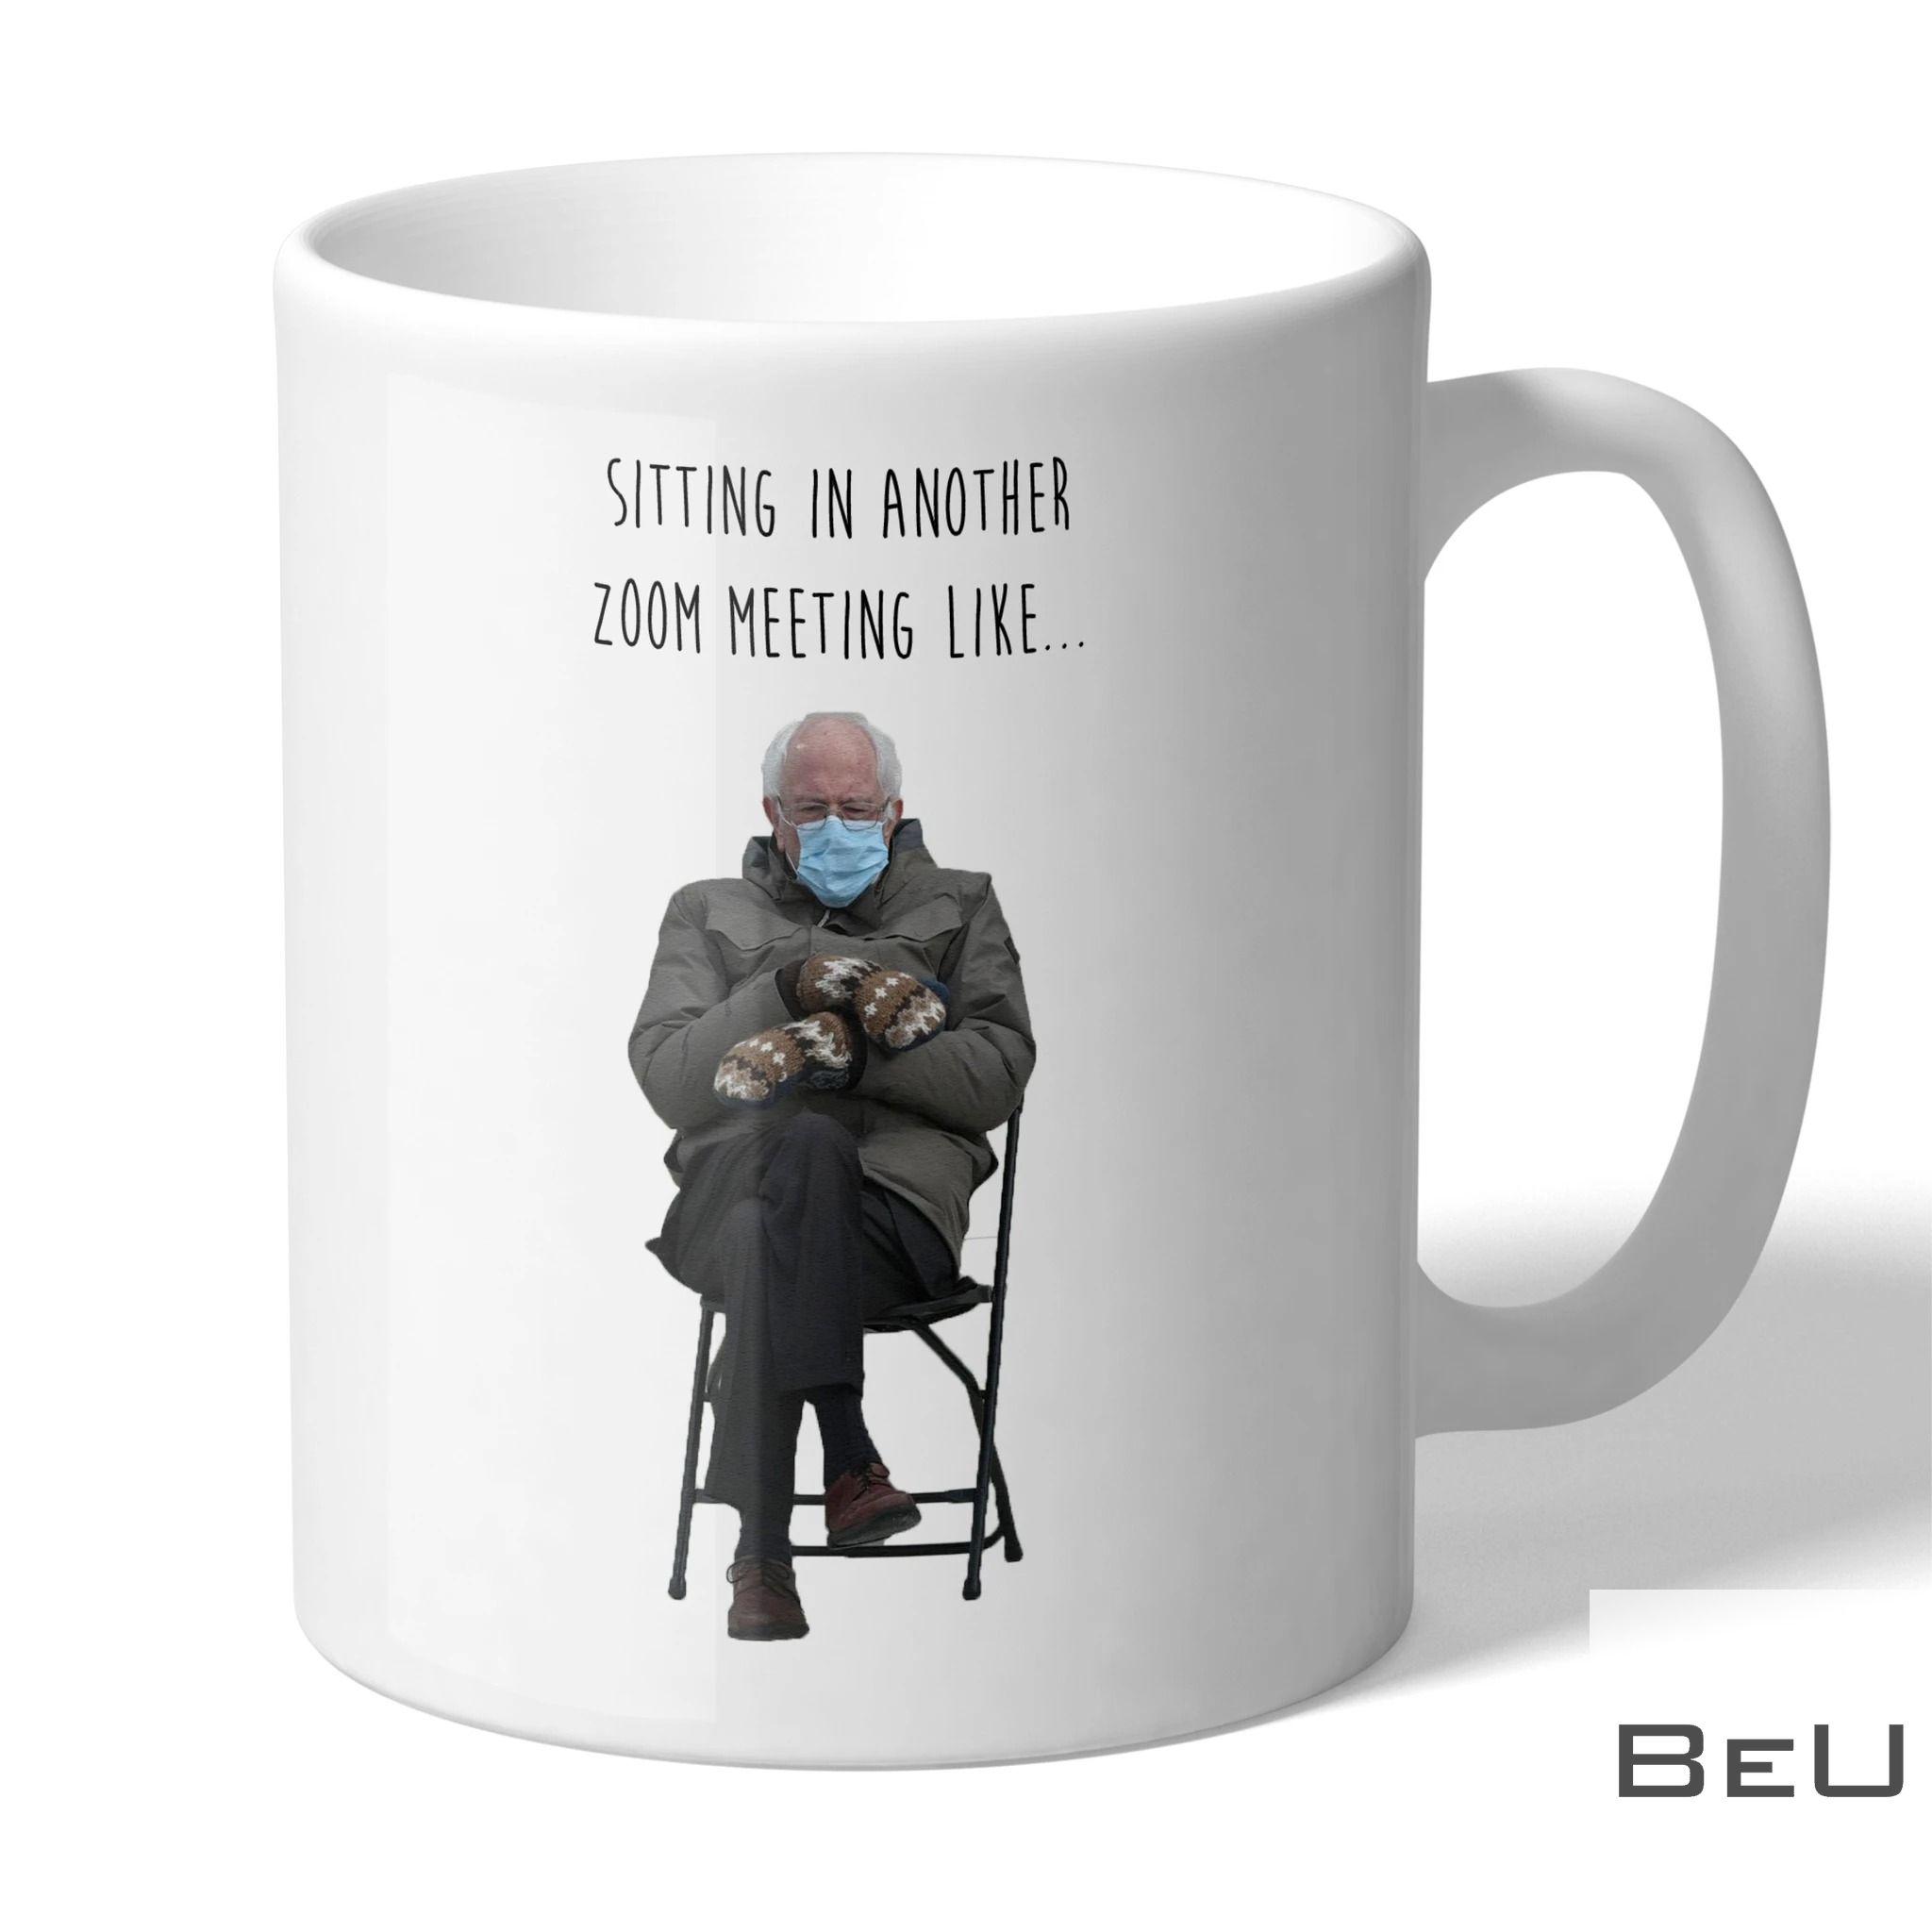 Bernie Sanders Meme Sitting in another zoom meeting like mug